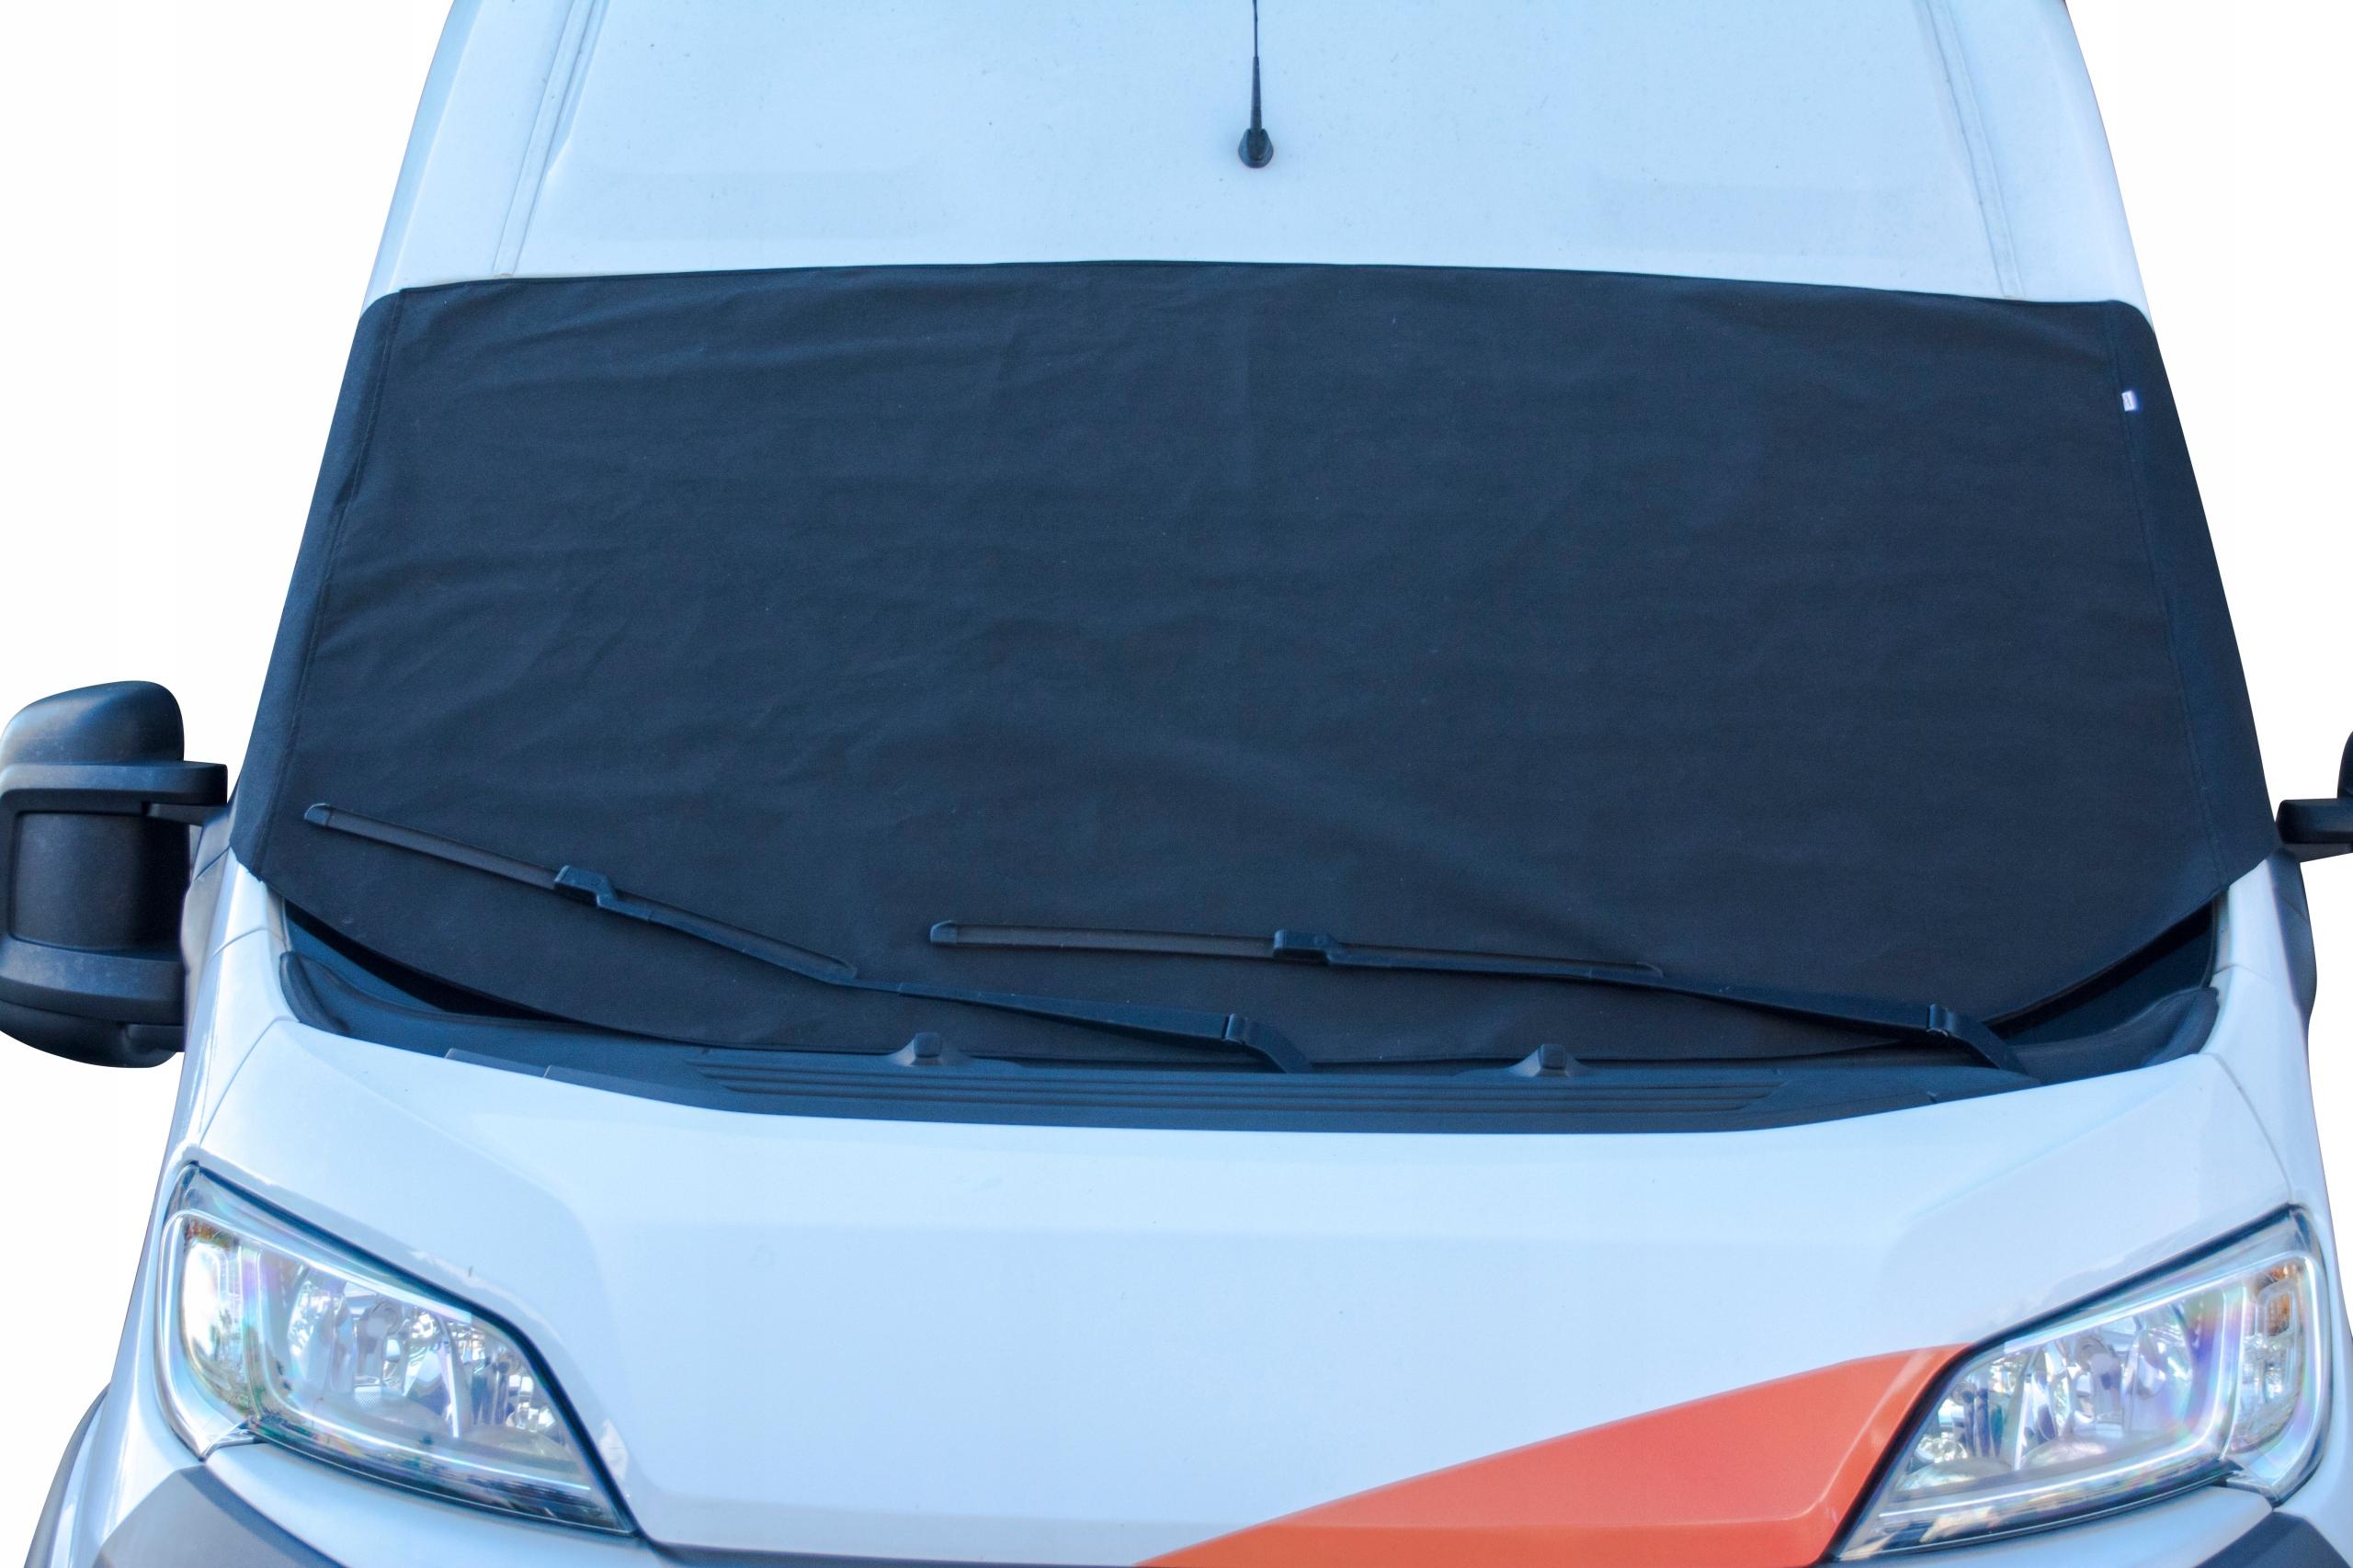 Защитный чехол для легких коммерческих автомобилей от замерзания Качество!